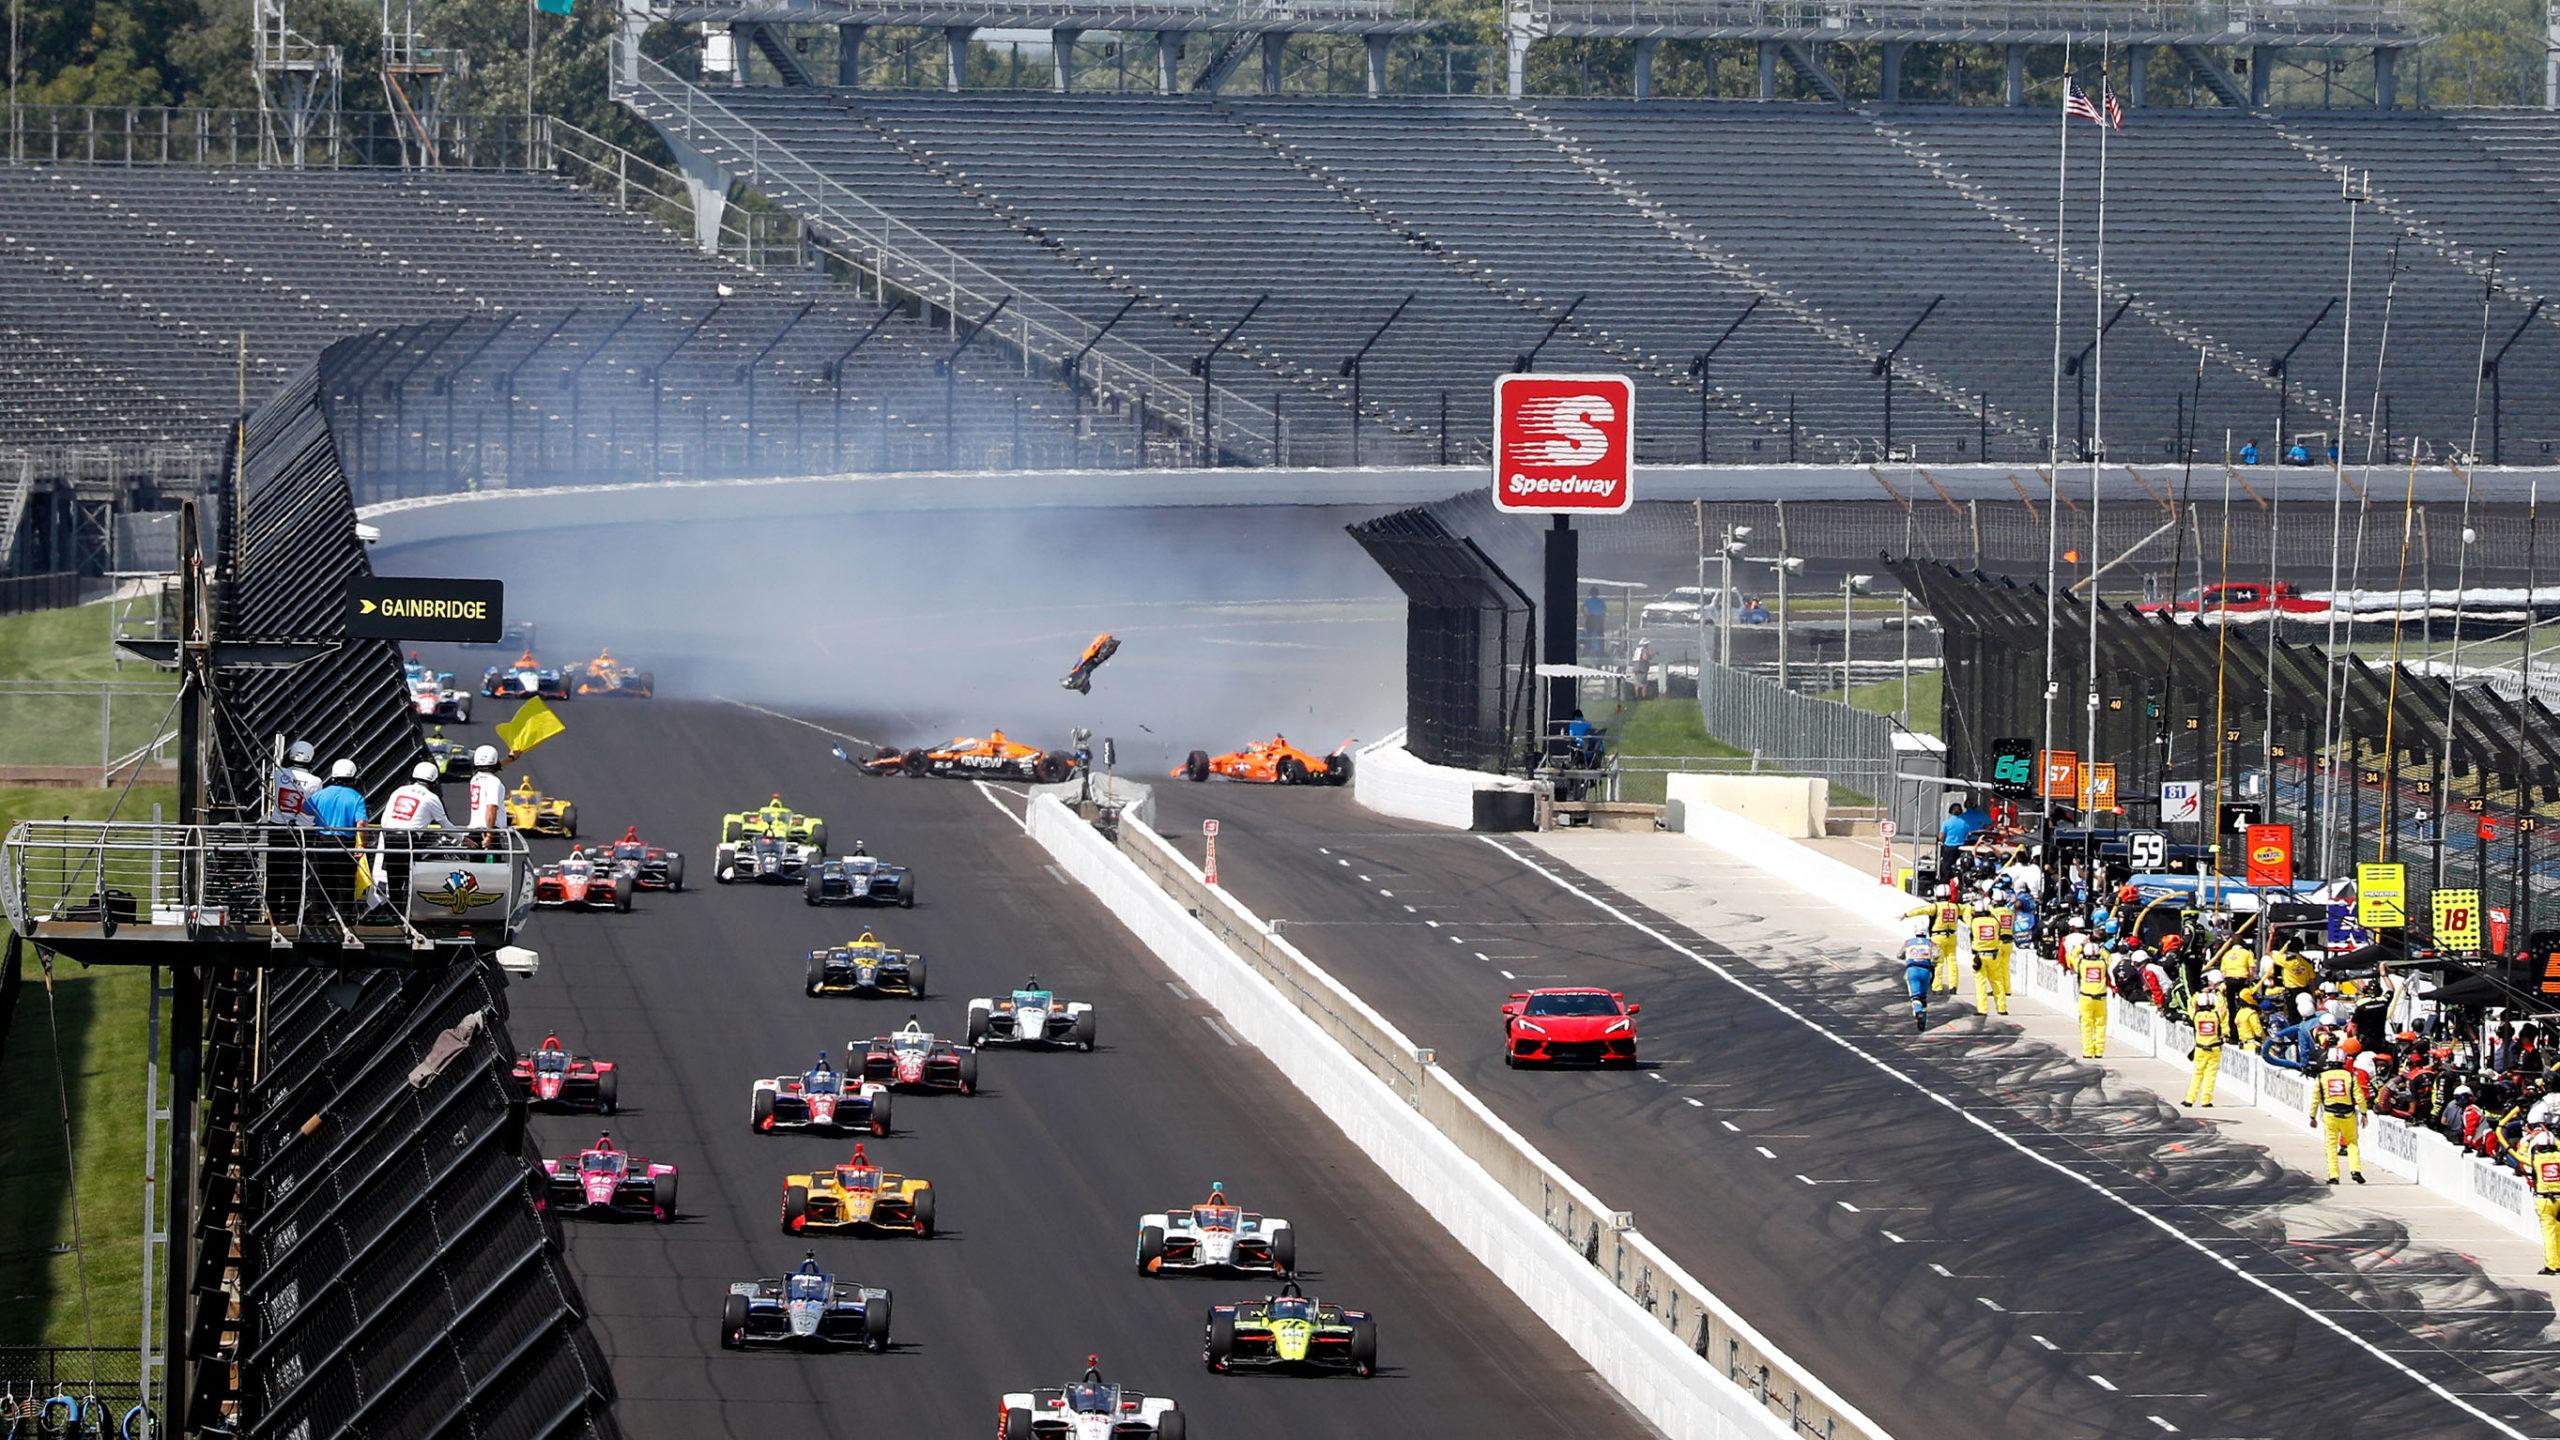 Oliver Askew Indy 500 crash